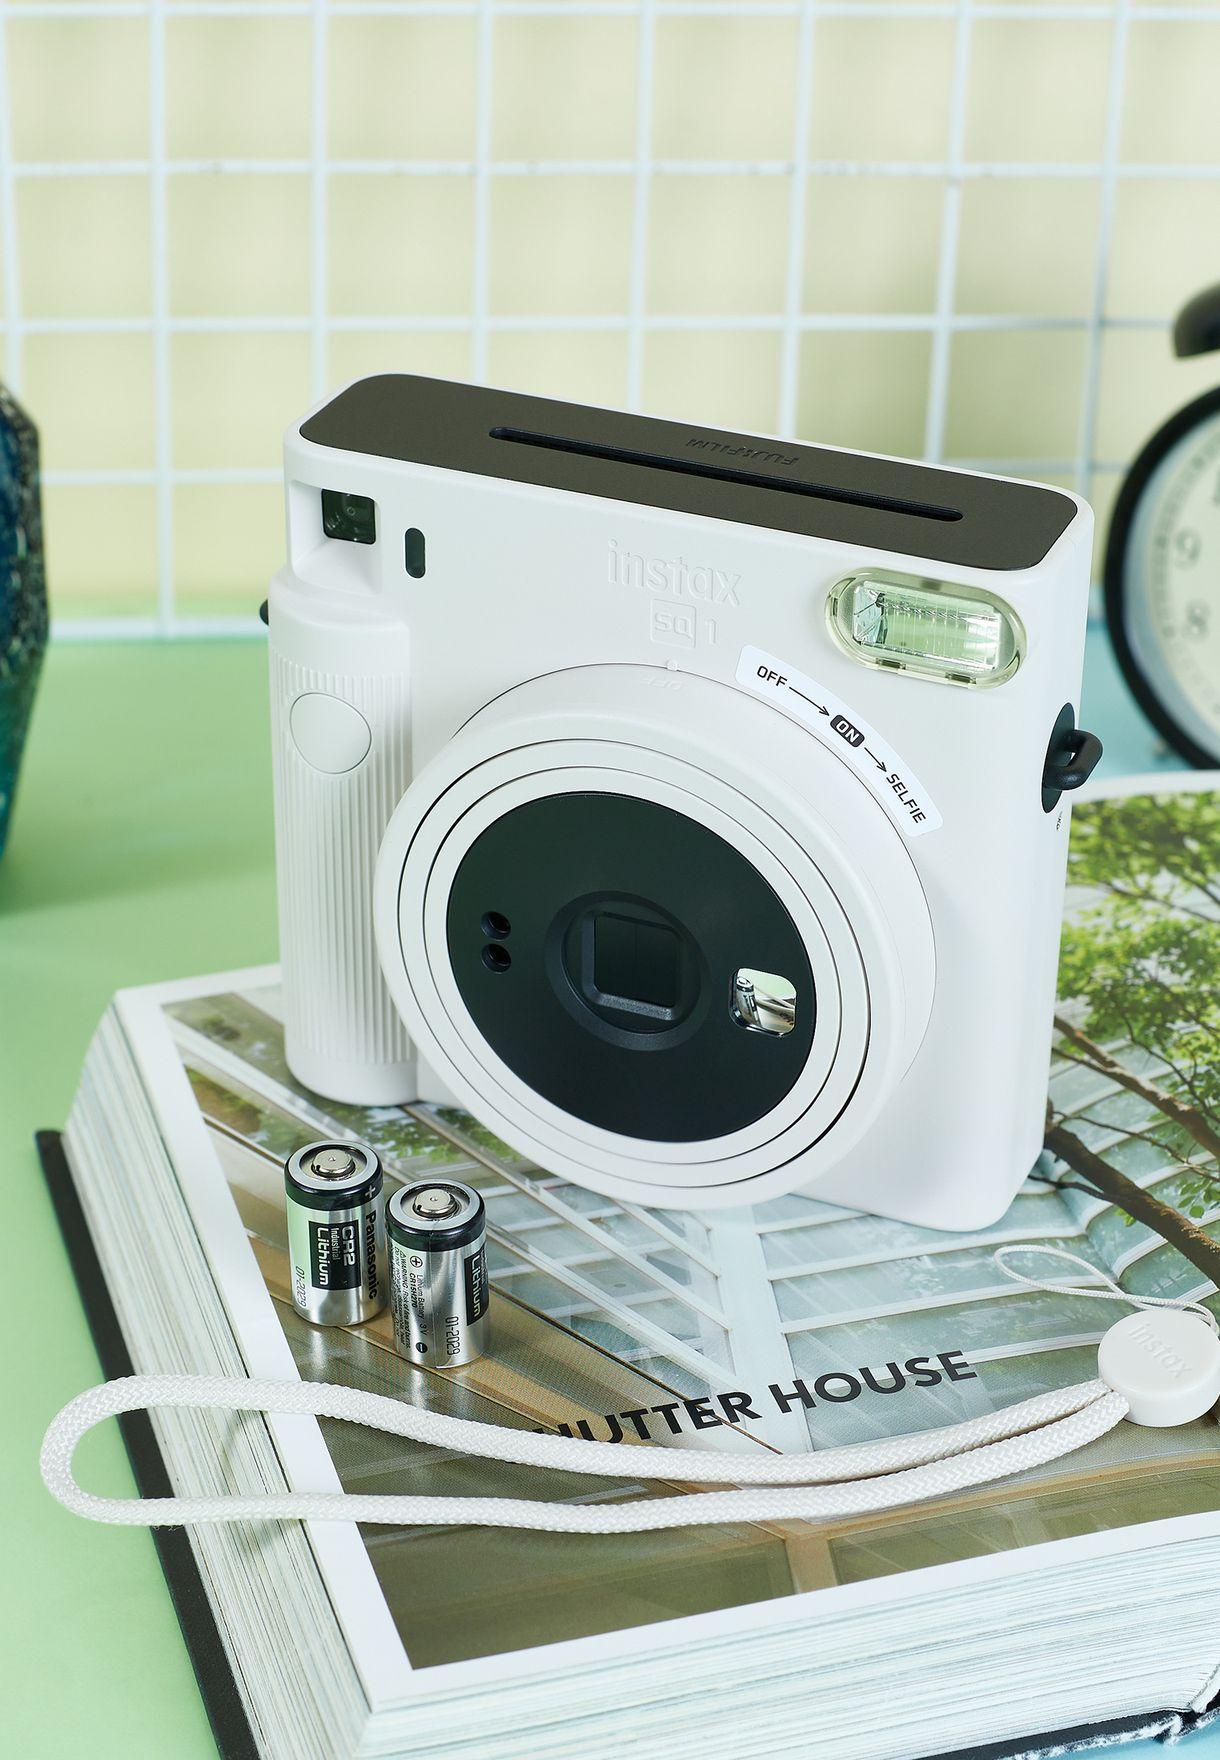 كاميرا انستاكس مربعةSq1 بلون ابيض